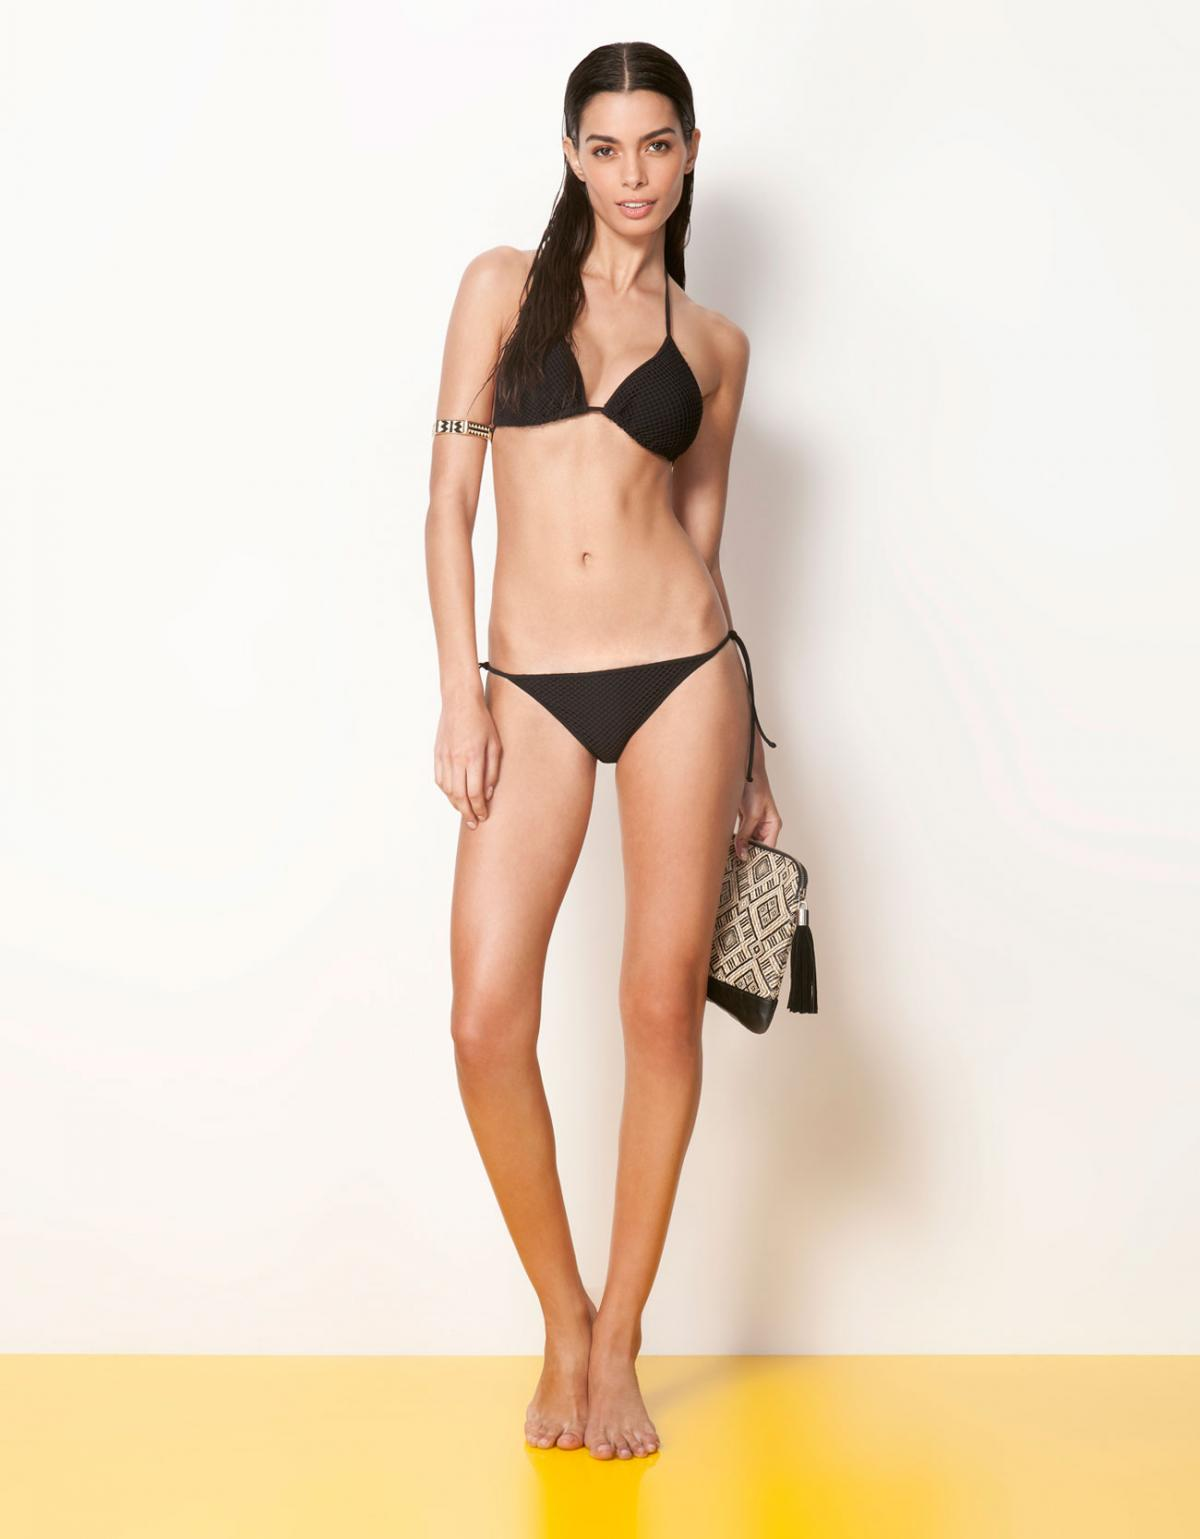 bikini Bershka w kolorze czarnym - moda plażowa 2013